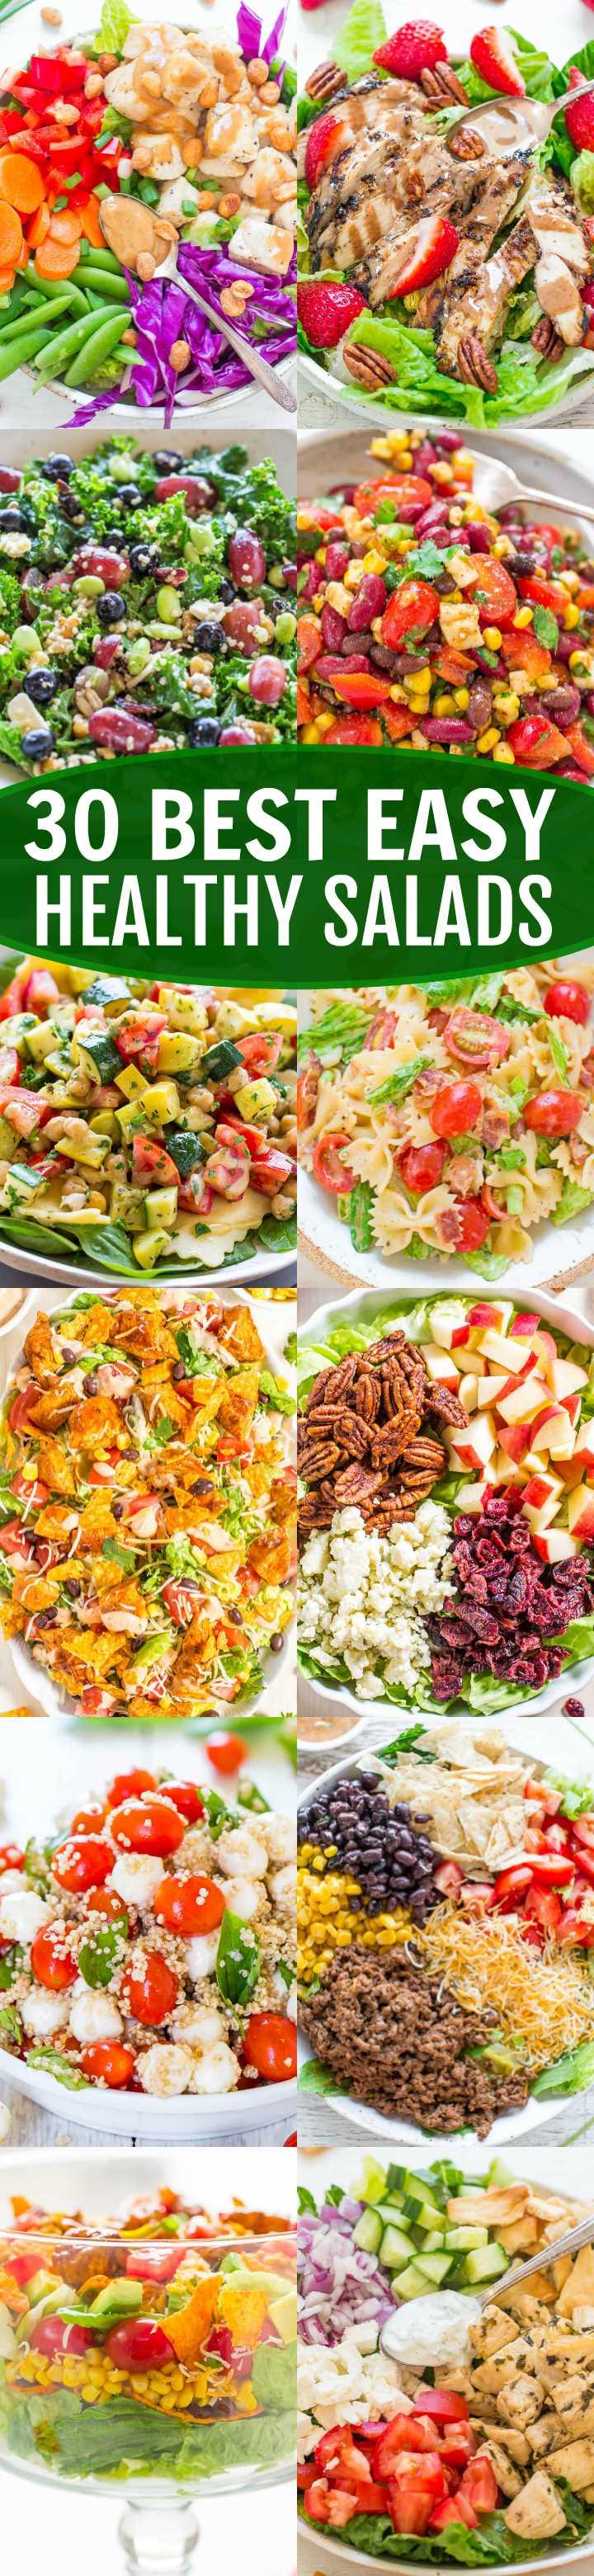 Las 30 mejores ensaladas fáciles y saludables: ¡sal de tu rutina de ensaladas con estas INCREÍBLES ensaladas! ¡Rápido, FÁCIL y SABROSO! ¡¡Querrás ponerlos en tu rotación regular !!